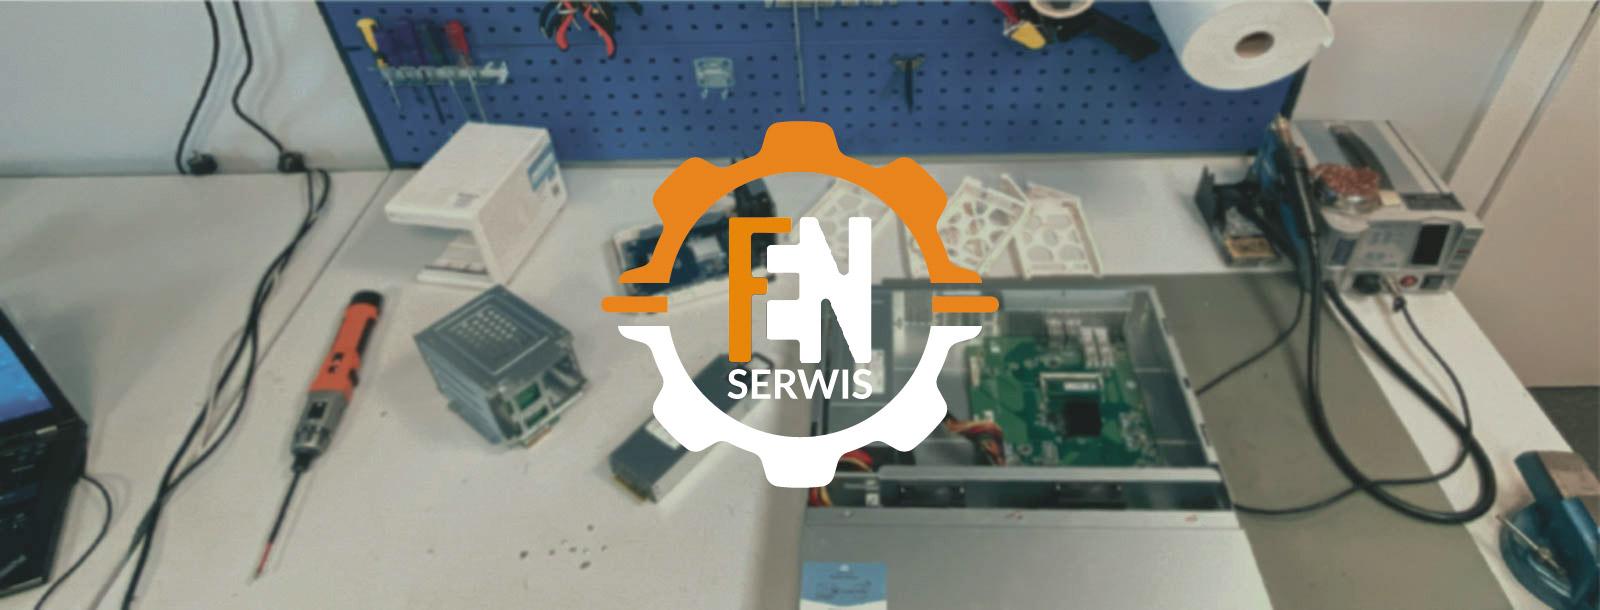 Usługi naprawy pogwarancyjnej dla urządzeń QNAP i Synology – FEN